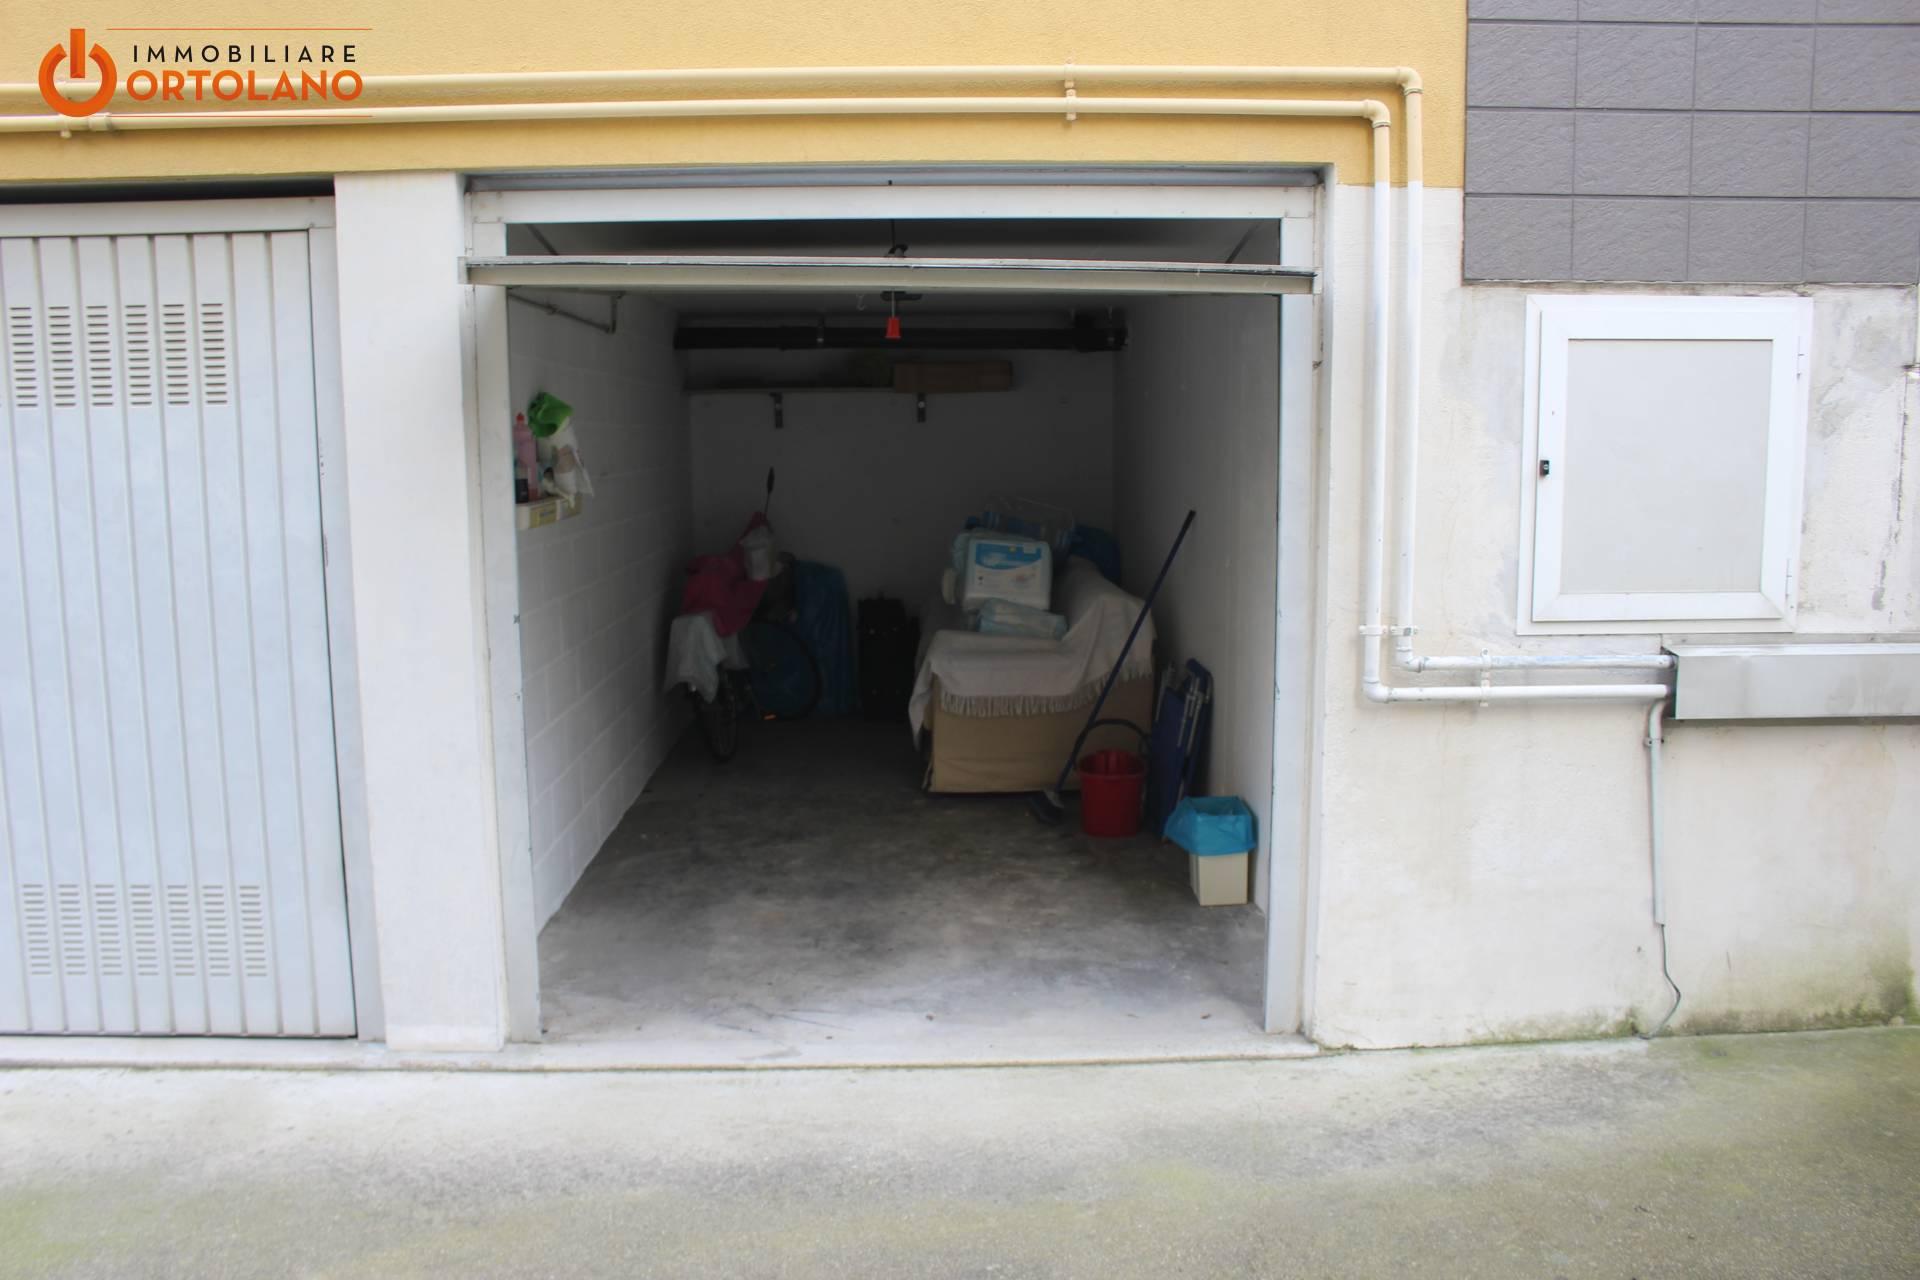 Magazzino in vendita a Monfalcone, 1 locali, zona Zona: Aris, prezzo € 12.000 | CambioCasa.it